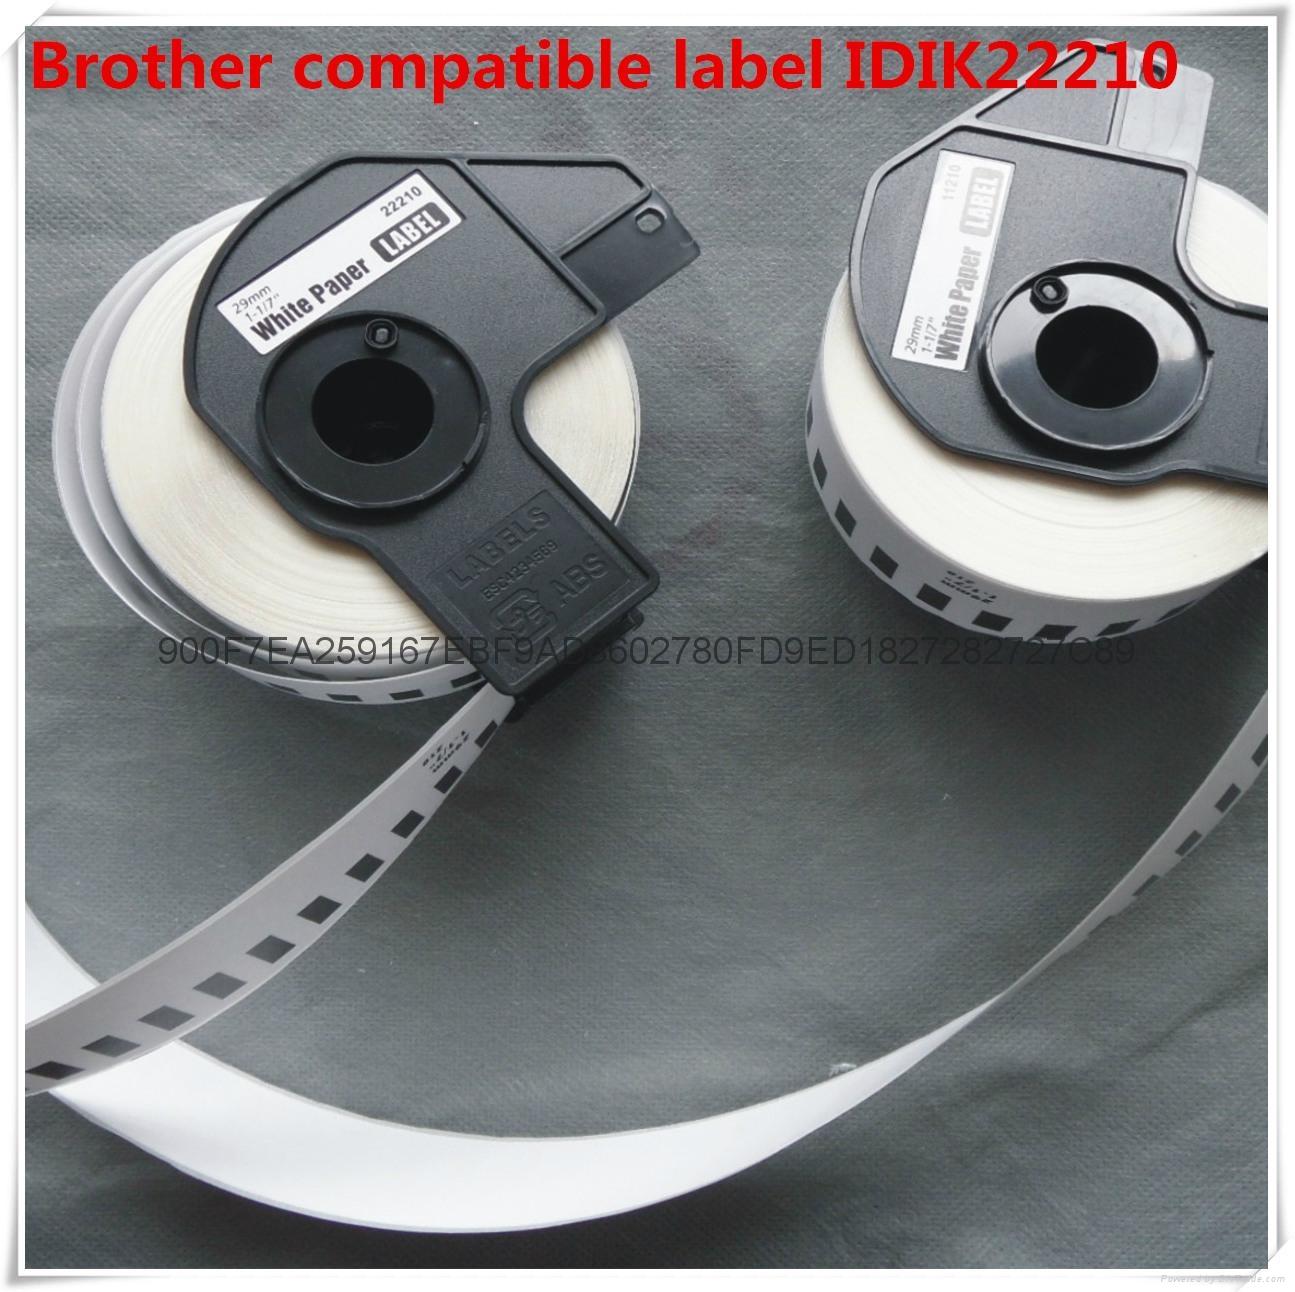 兄弟兼容label DK label22210 2